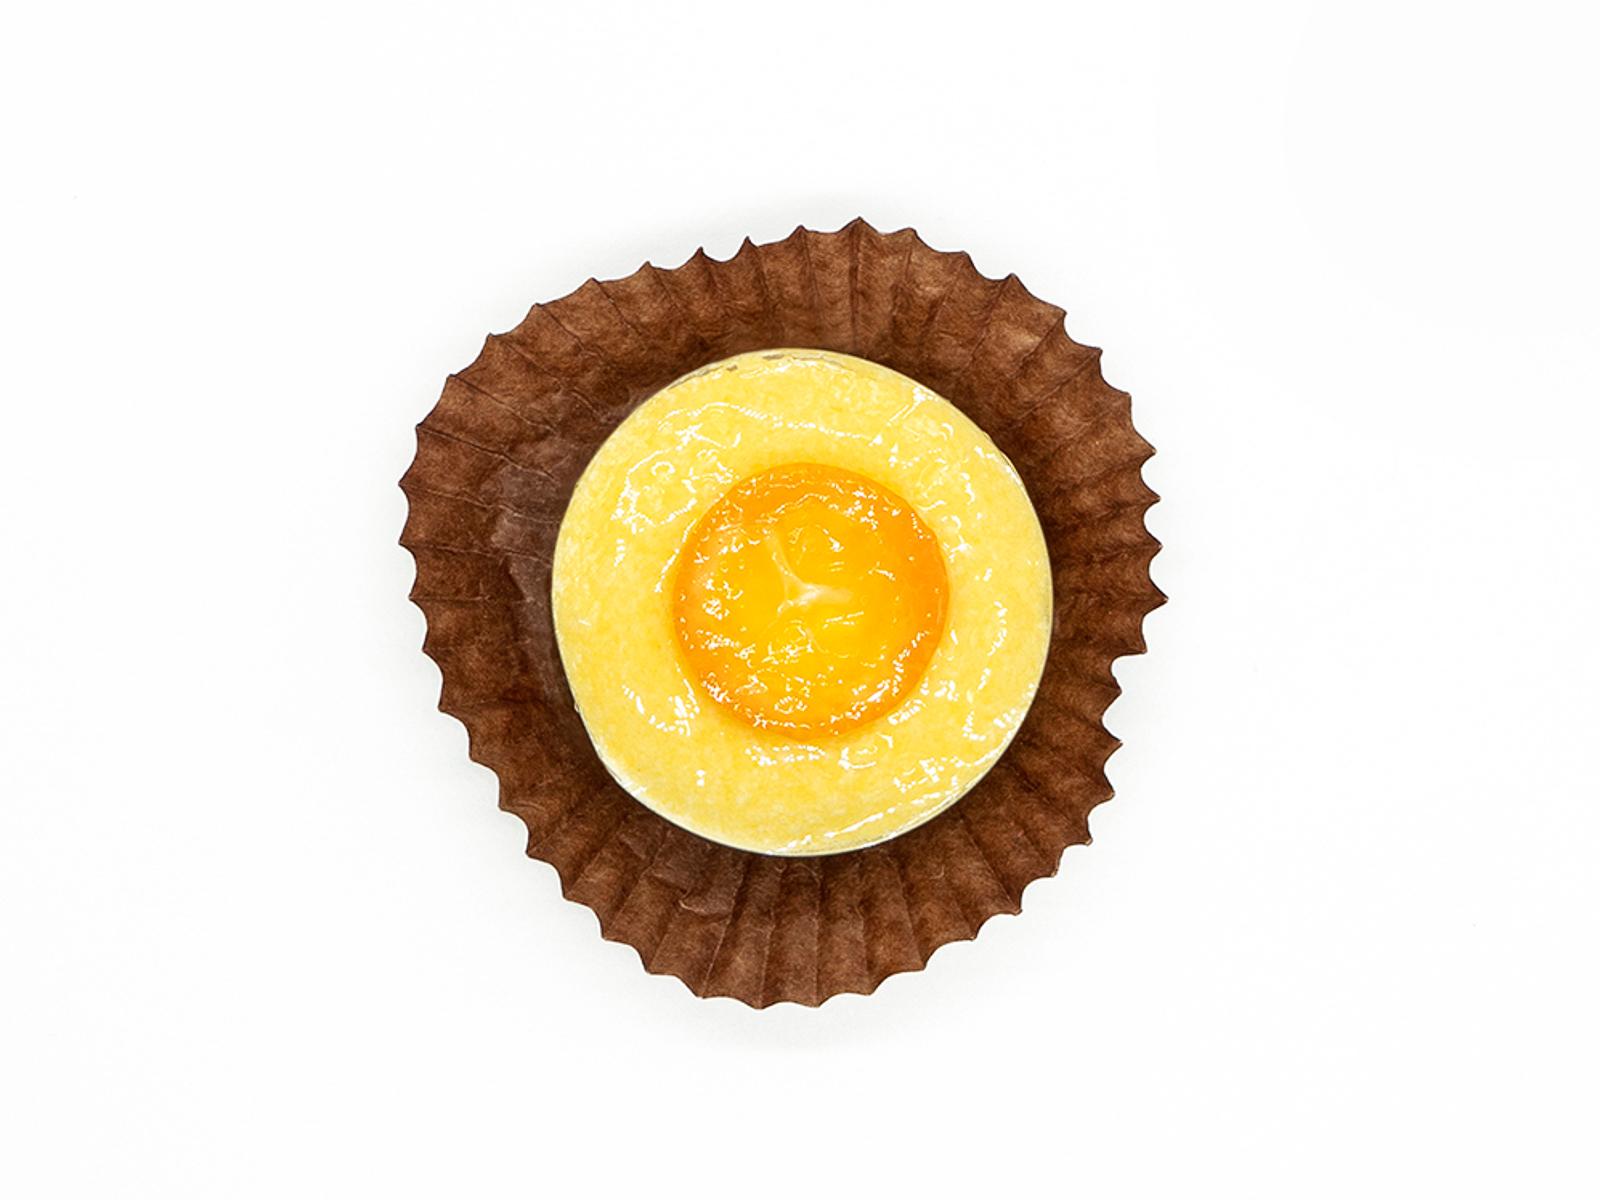 Пирожное Лулу манго-маракуйя